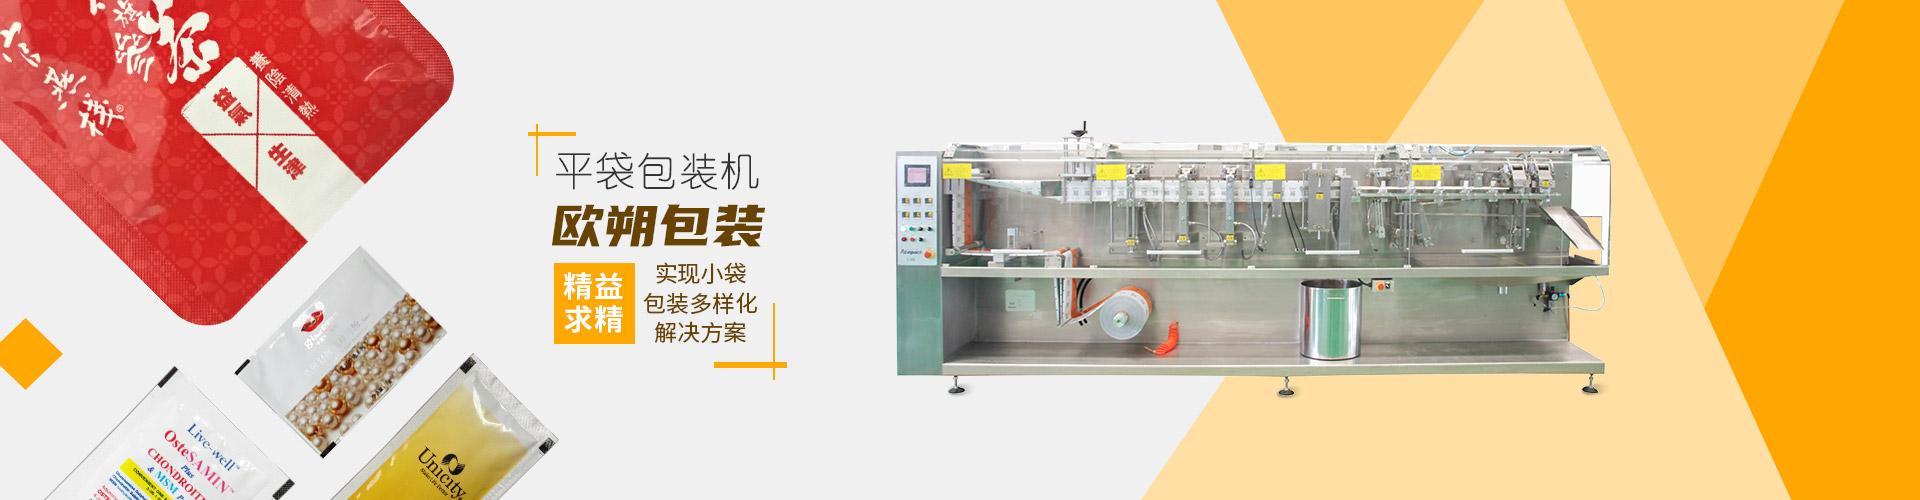 上海欧朔智能包装科技有限公司